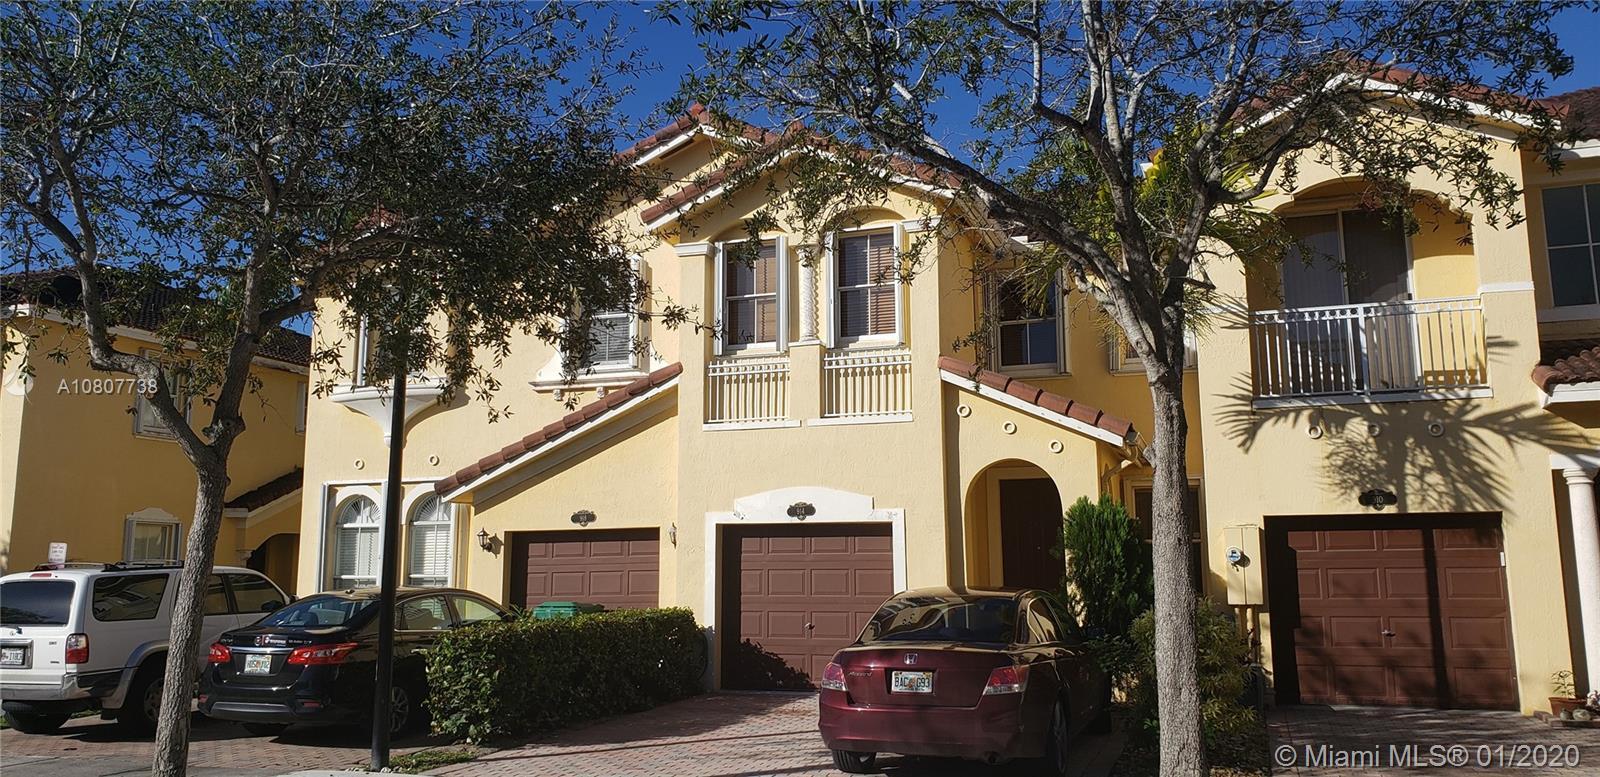 914 SW 151st Pl, Miami, FL 33194